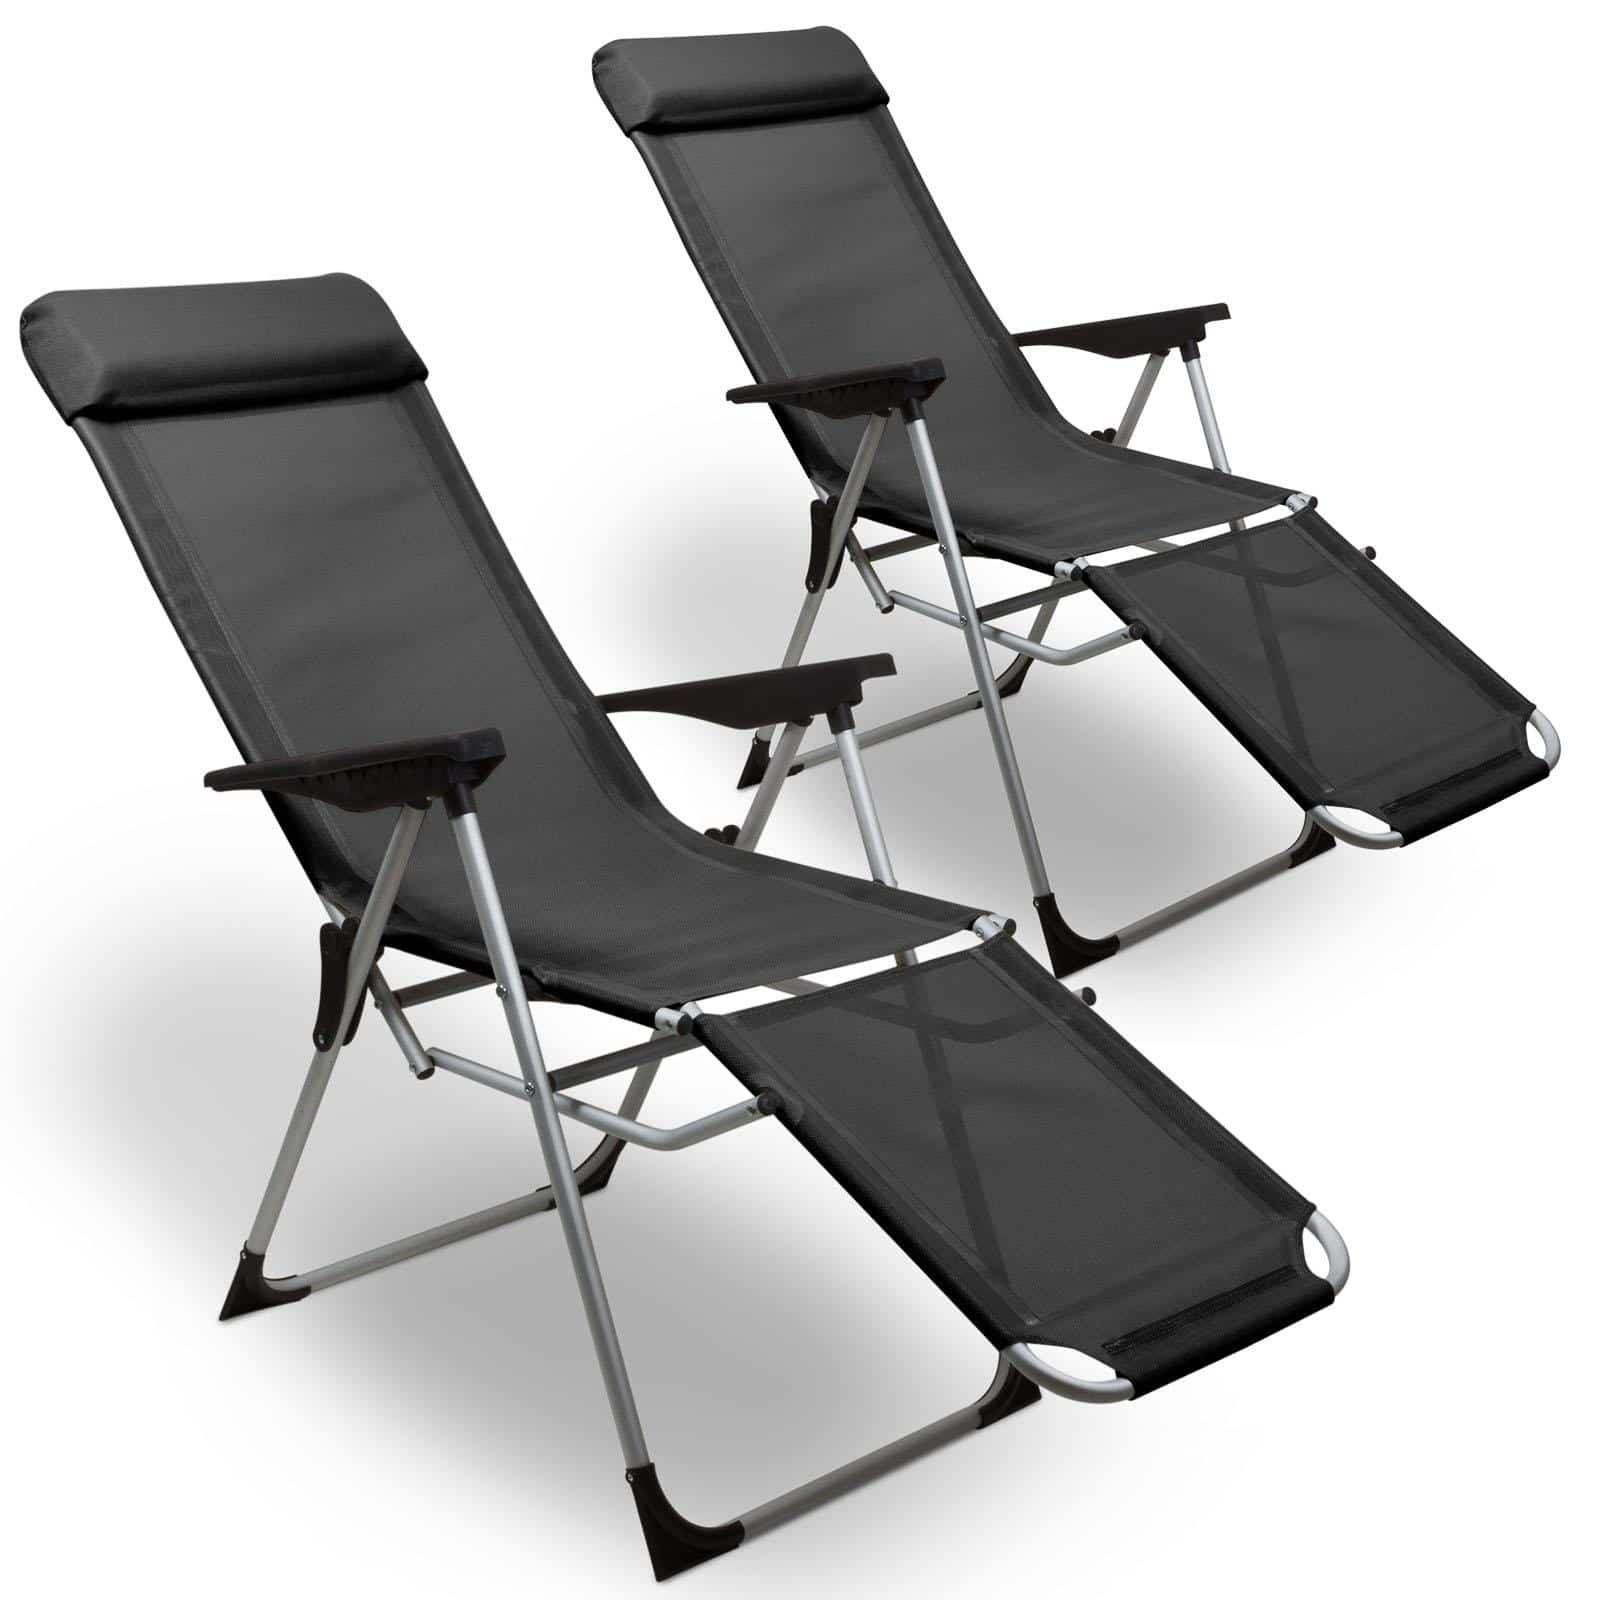 4Goodz 2x Ventilerende Relaxstoelen in 5 Standen verstelbaar - Grijs